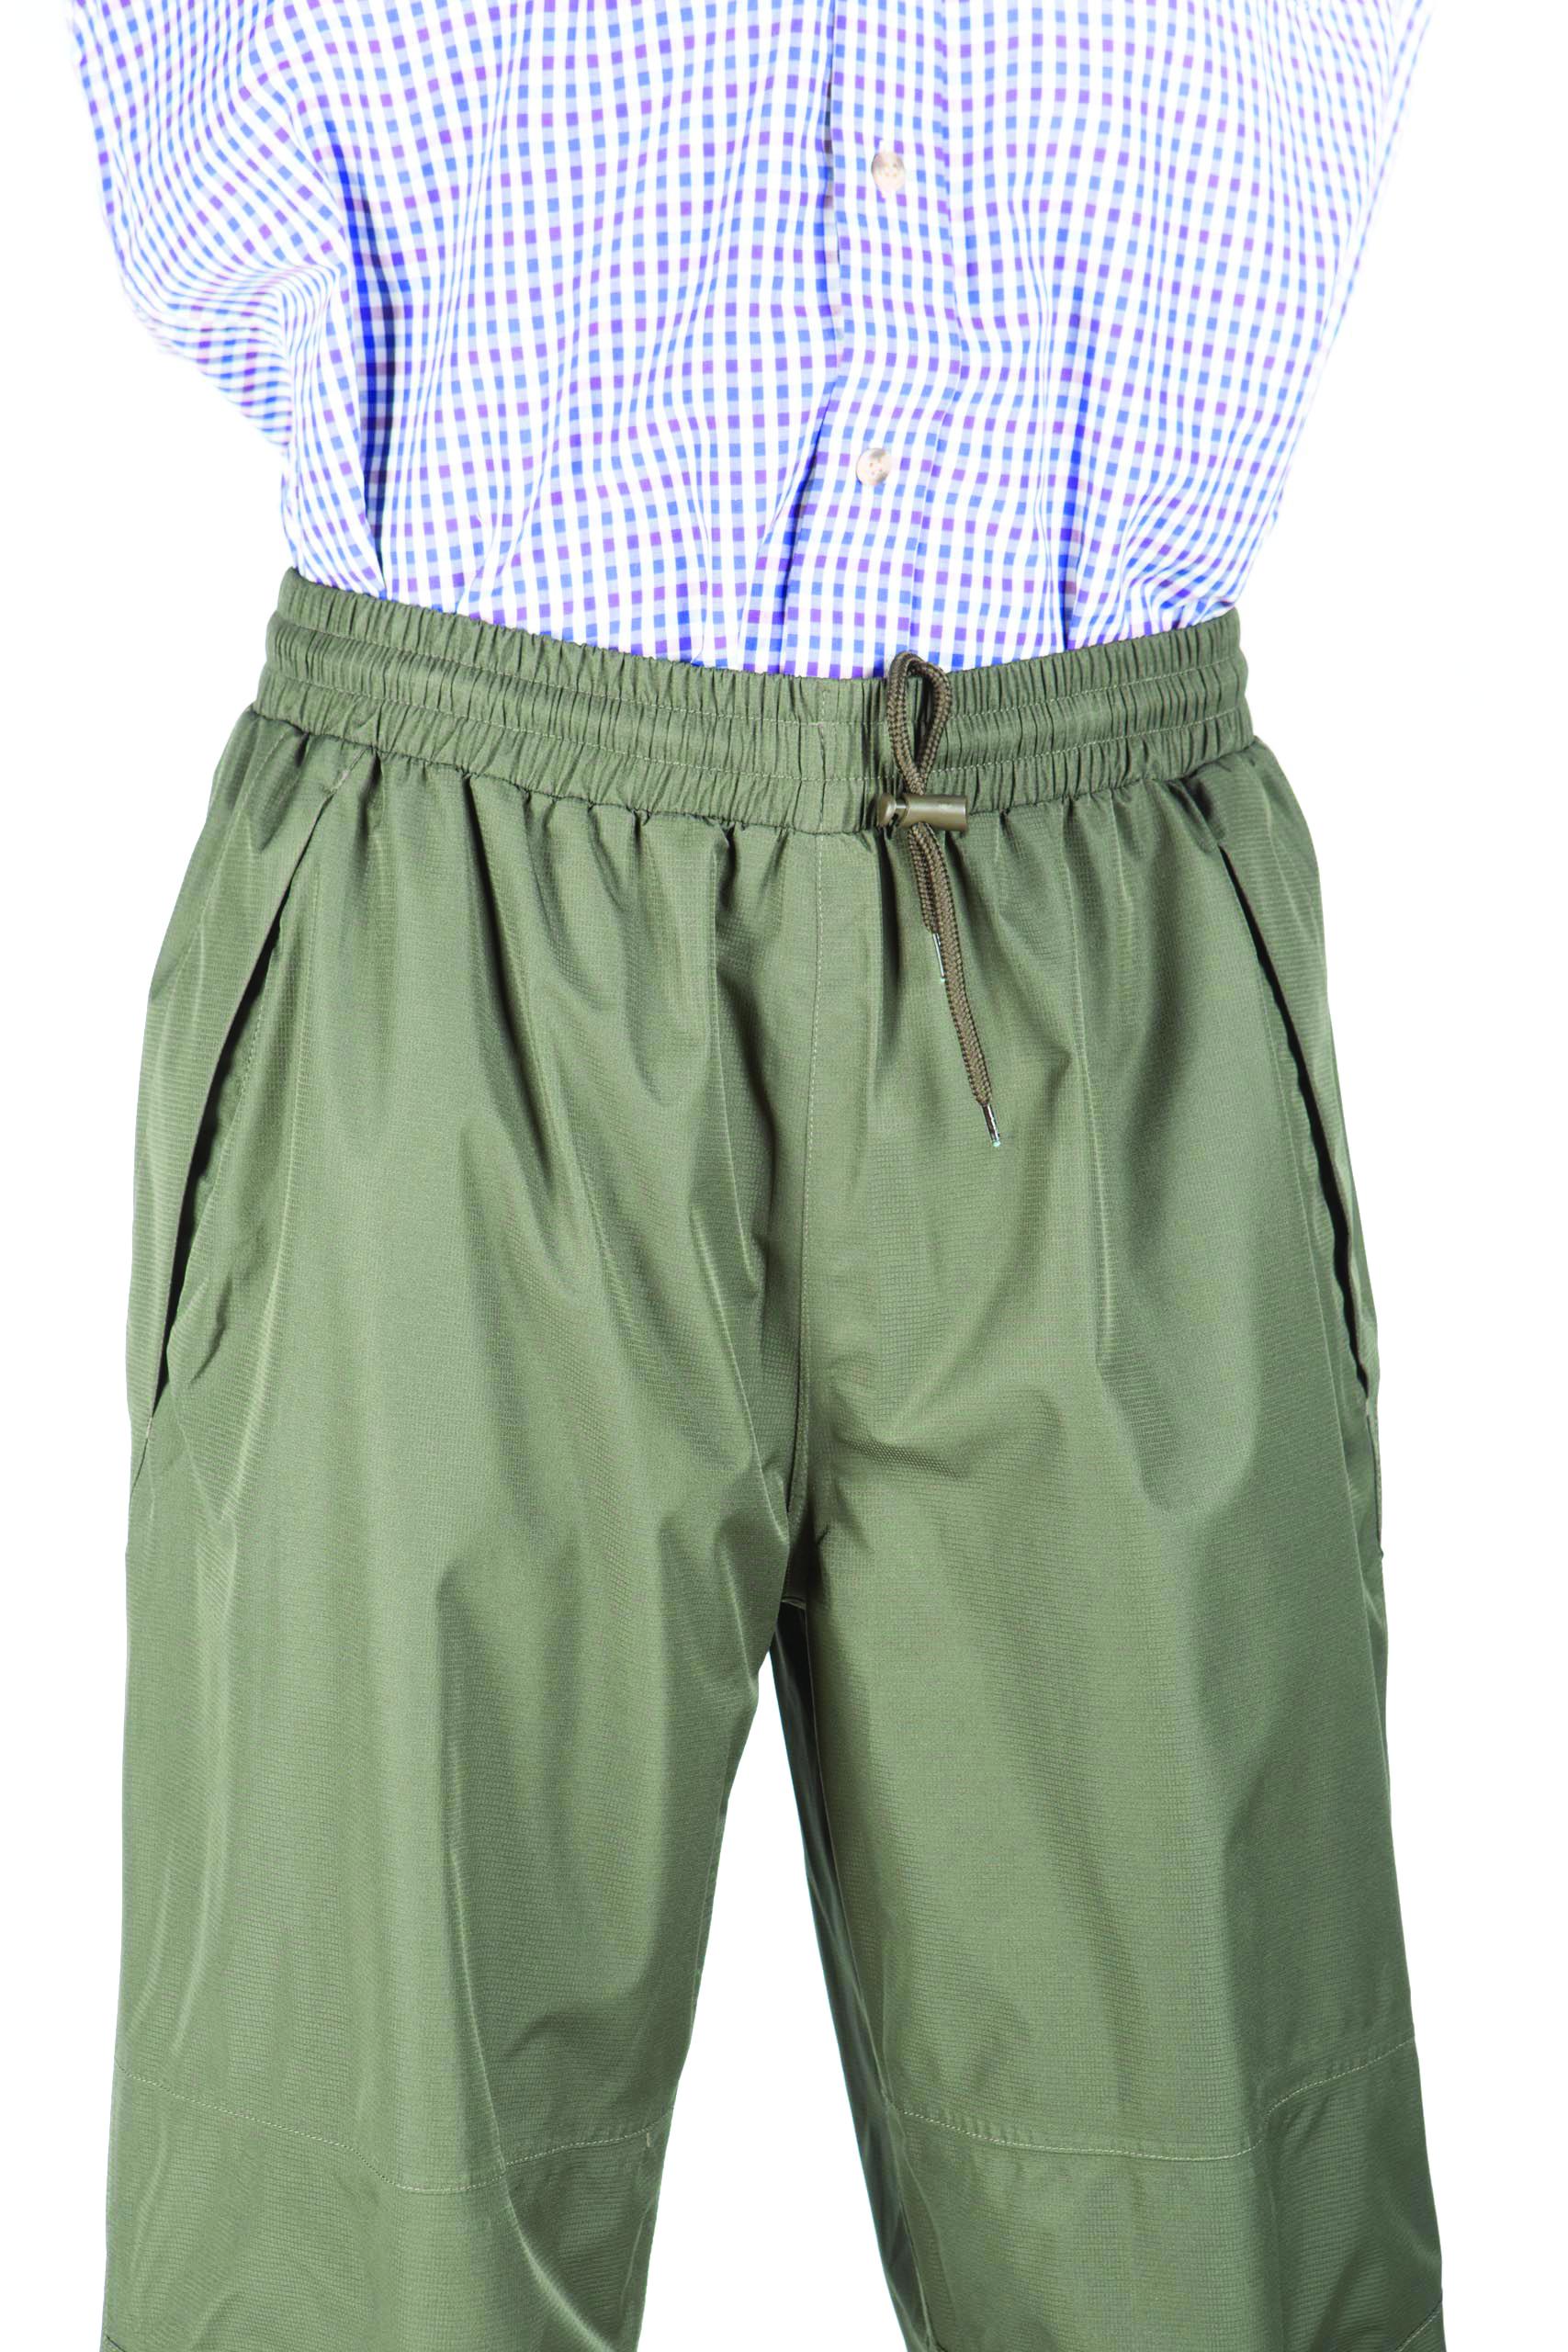 Stoat waterproof trouser